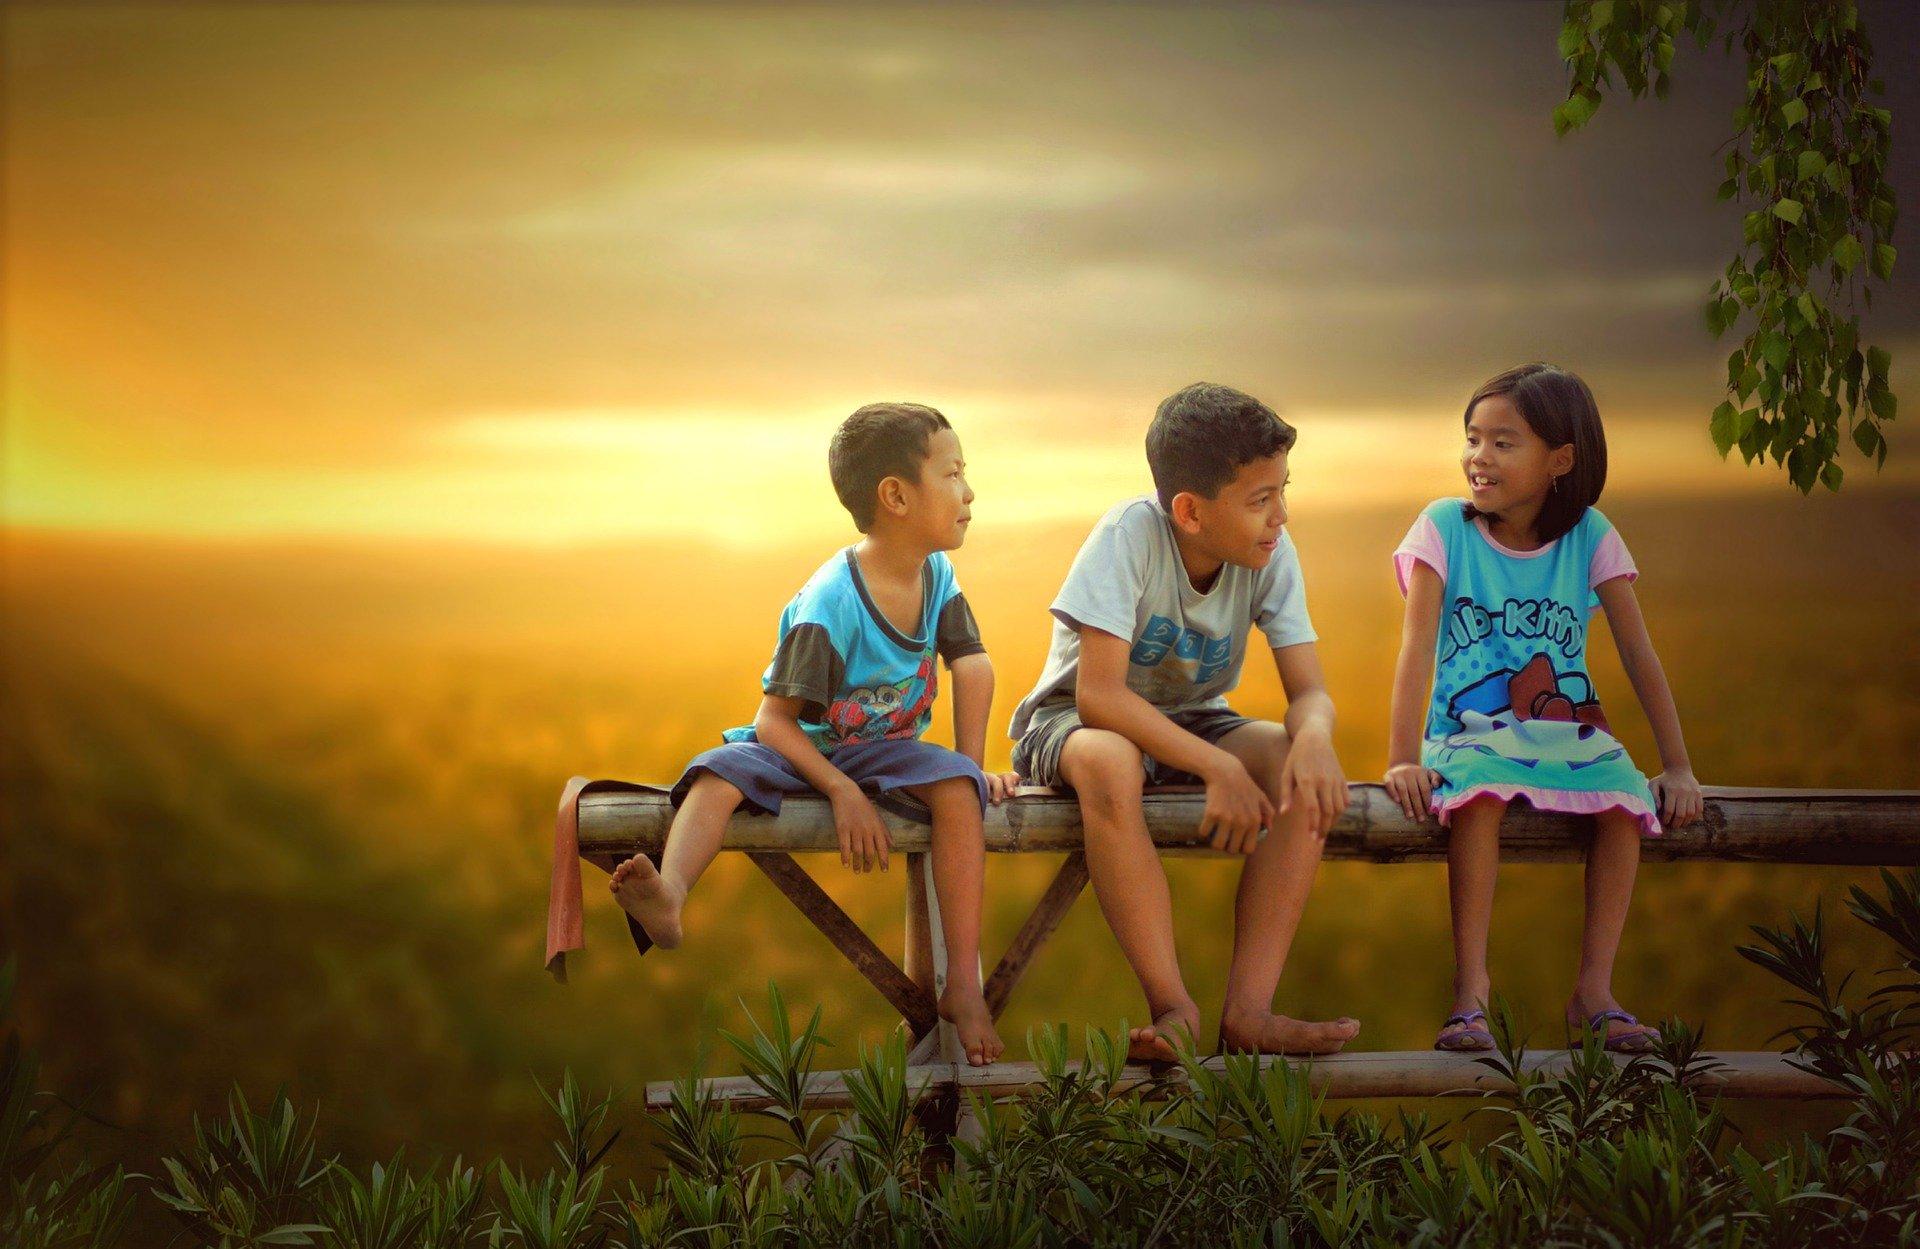 Dois meninos e uma menina sentados do banco, conversando, ao pôr do sol. Imagem ilustrativa texto brincadeiras com as palavras.